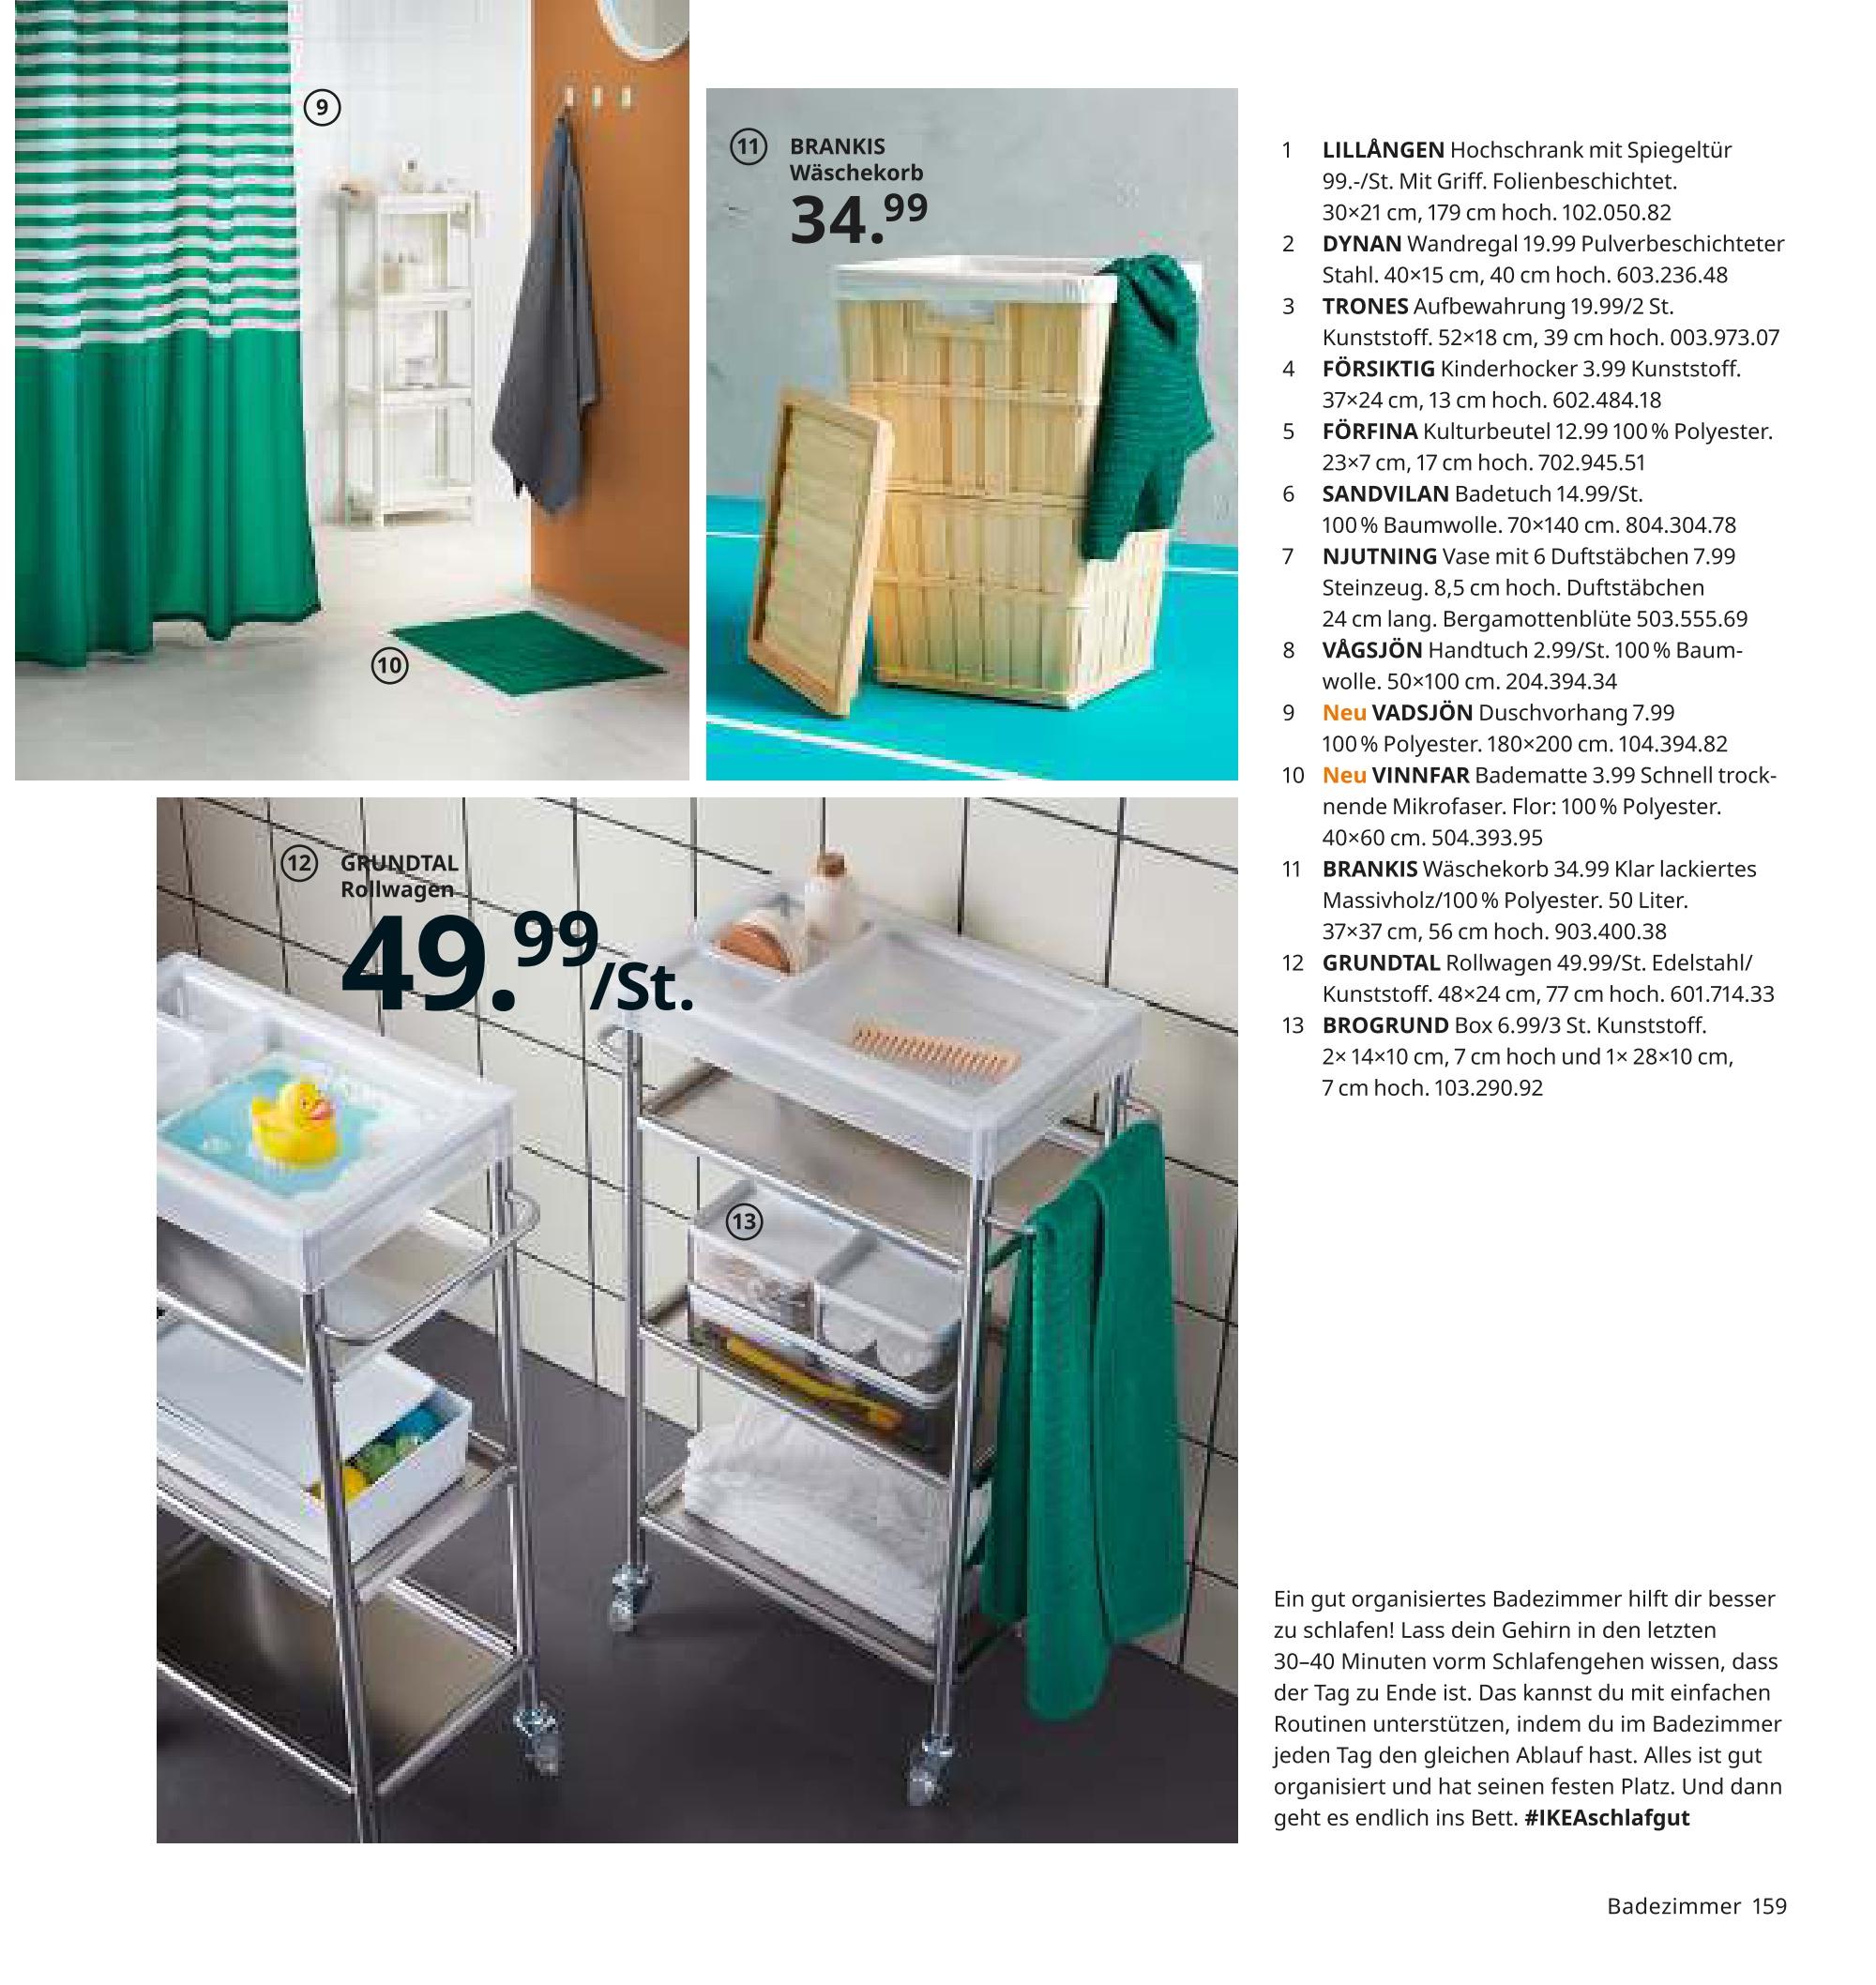 Full Size of Ikea Rollwagen Grundtal Im Angebot Bei Kupinode Betten 160x200 Küche Kaufen Kosten Bad Sofa Mit Schlaffunktion Miniküche Modulküche Wohnzimmer Ikea Rollwagen